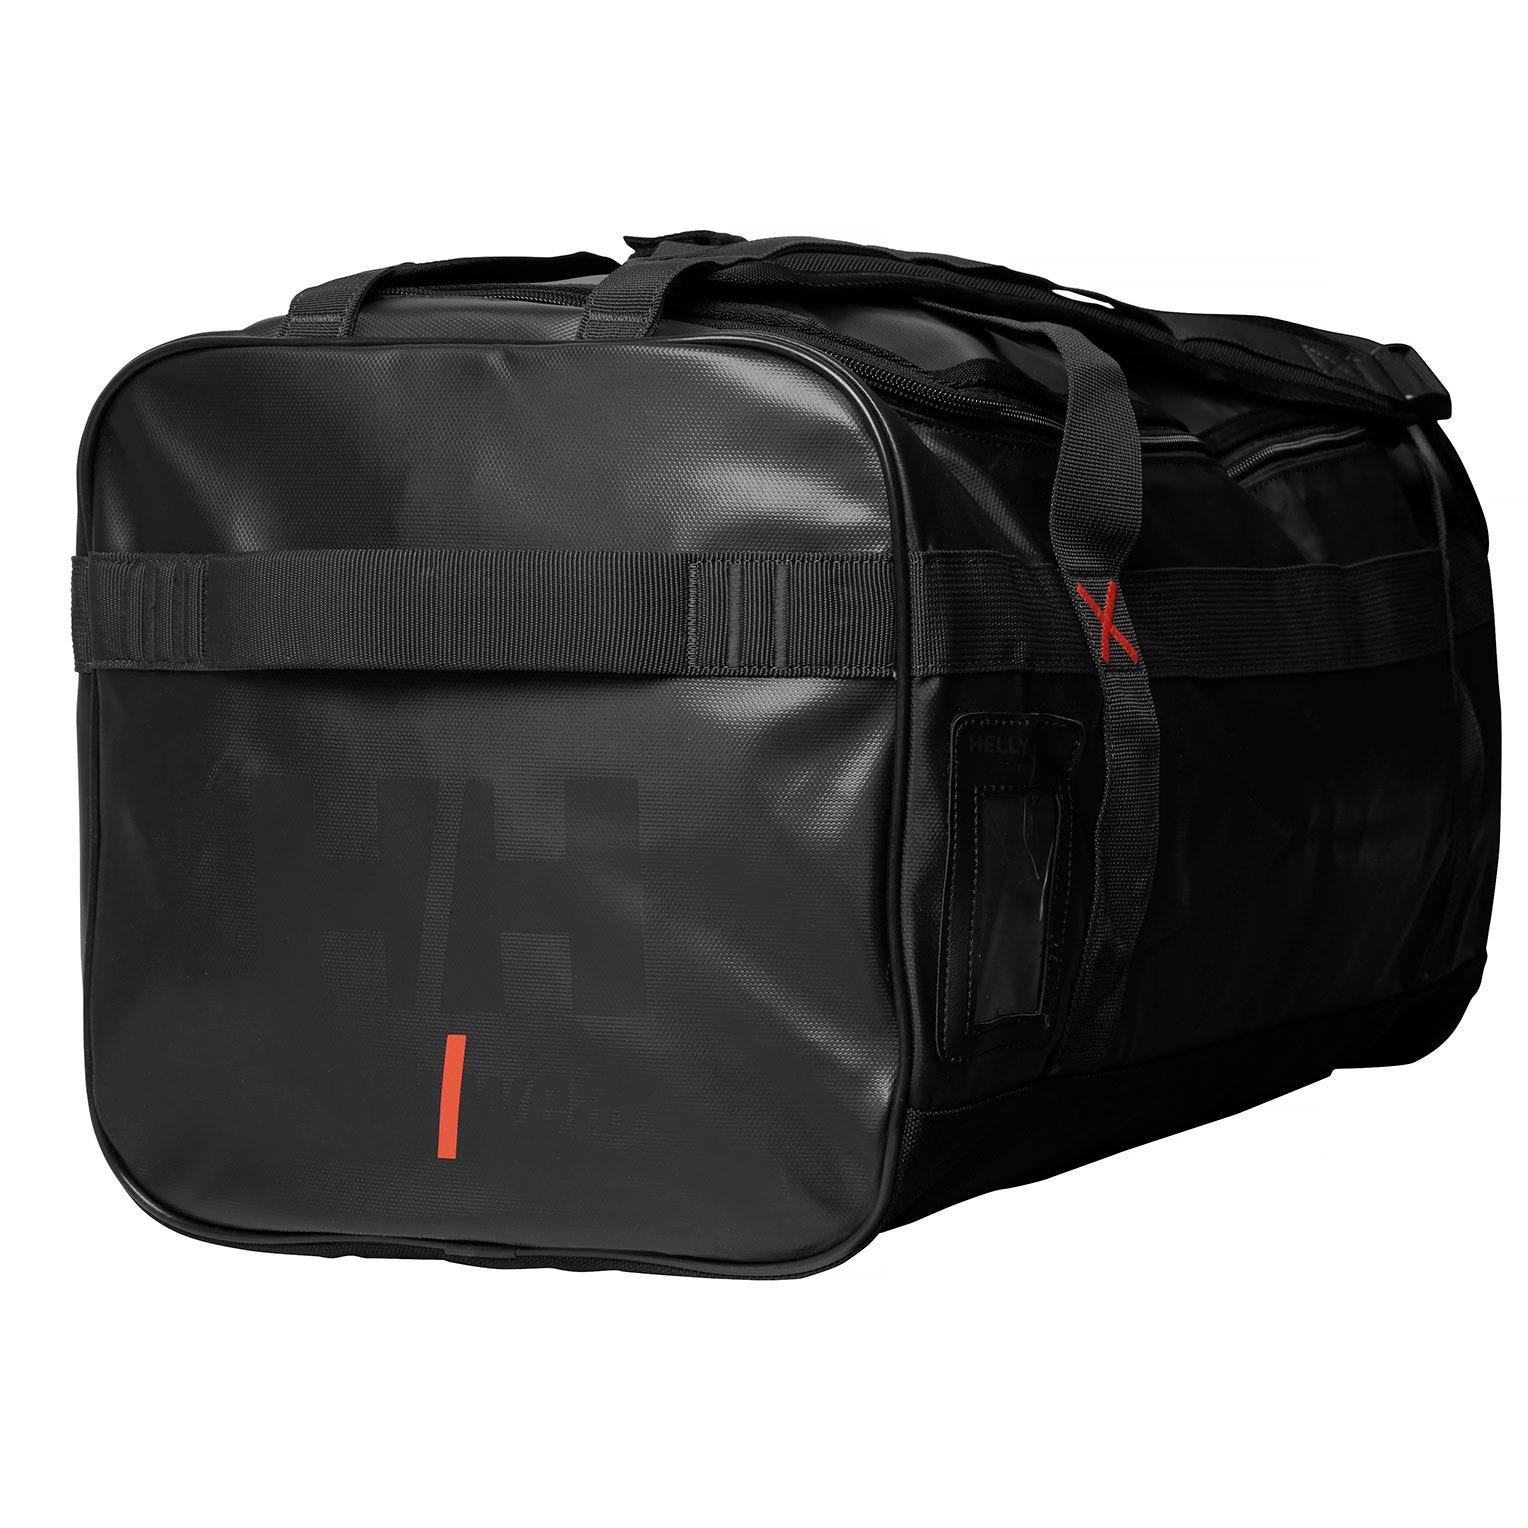 Helly Hansen Tassen Duffel 79573 Inhoud 90 liter zwart(990)